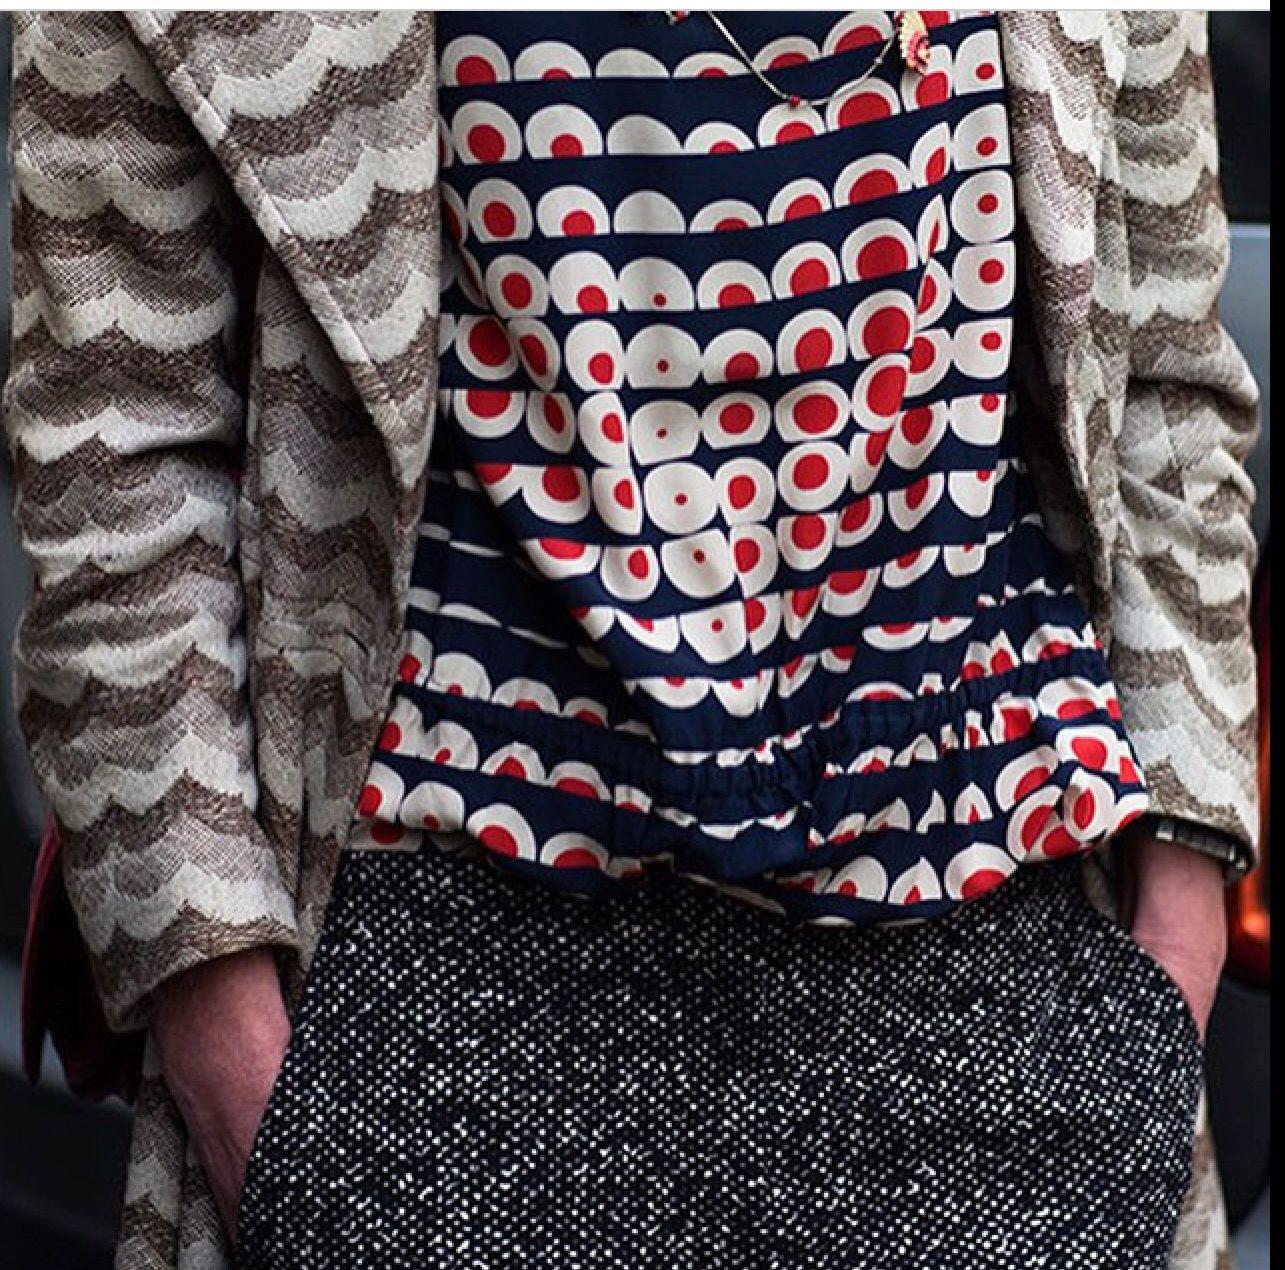 Studiochiassai.com/it/.#scs #style #fashion #research #concept #The Beauty of Simplicity ....#atmosfere #suggestioni #vibrazioni #armoniaambientale #natura #aria #spazio #colore #emozionivisive #semplicità #ambiente #fotografareprofondita' #racconti...#vintage #viaggio #ricerca